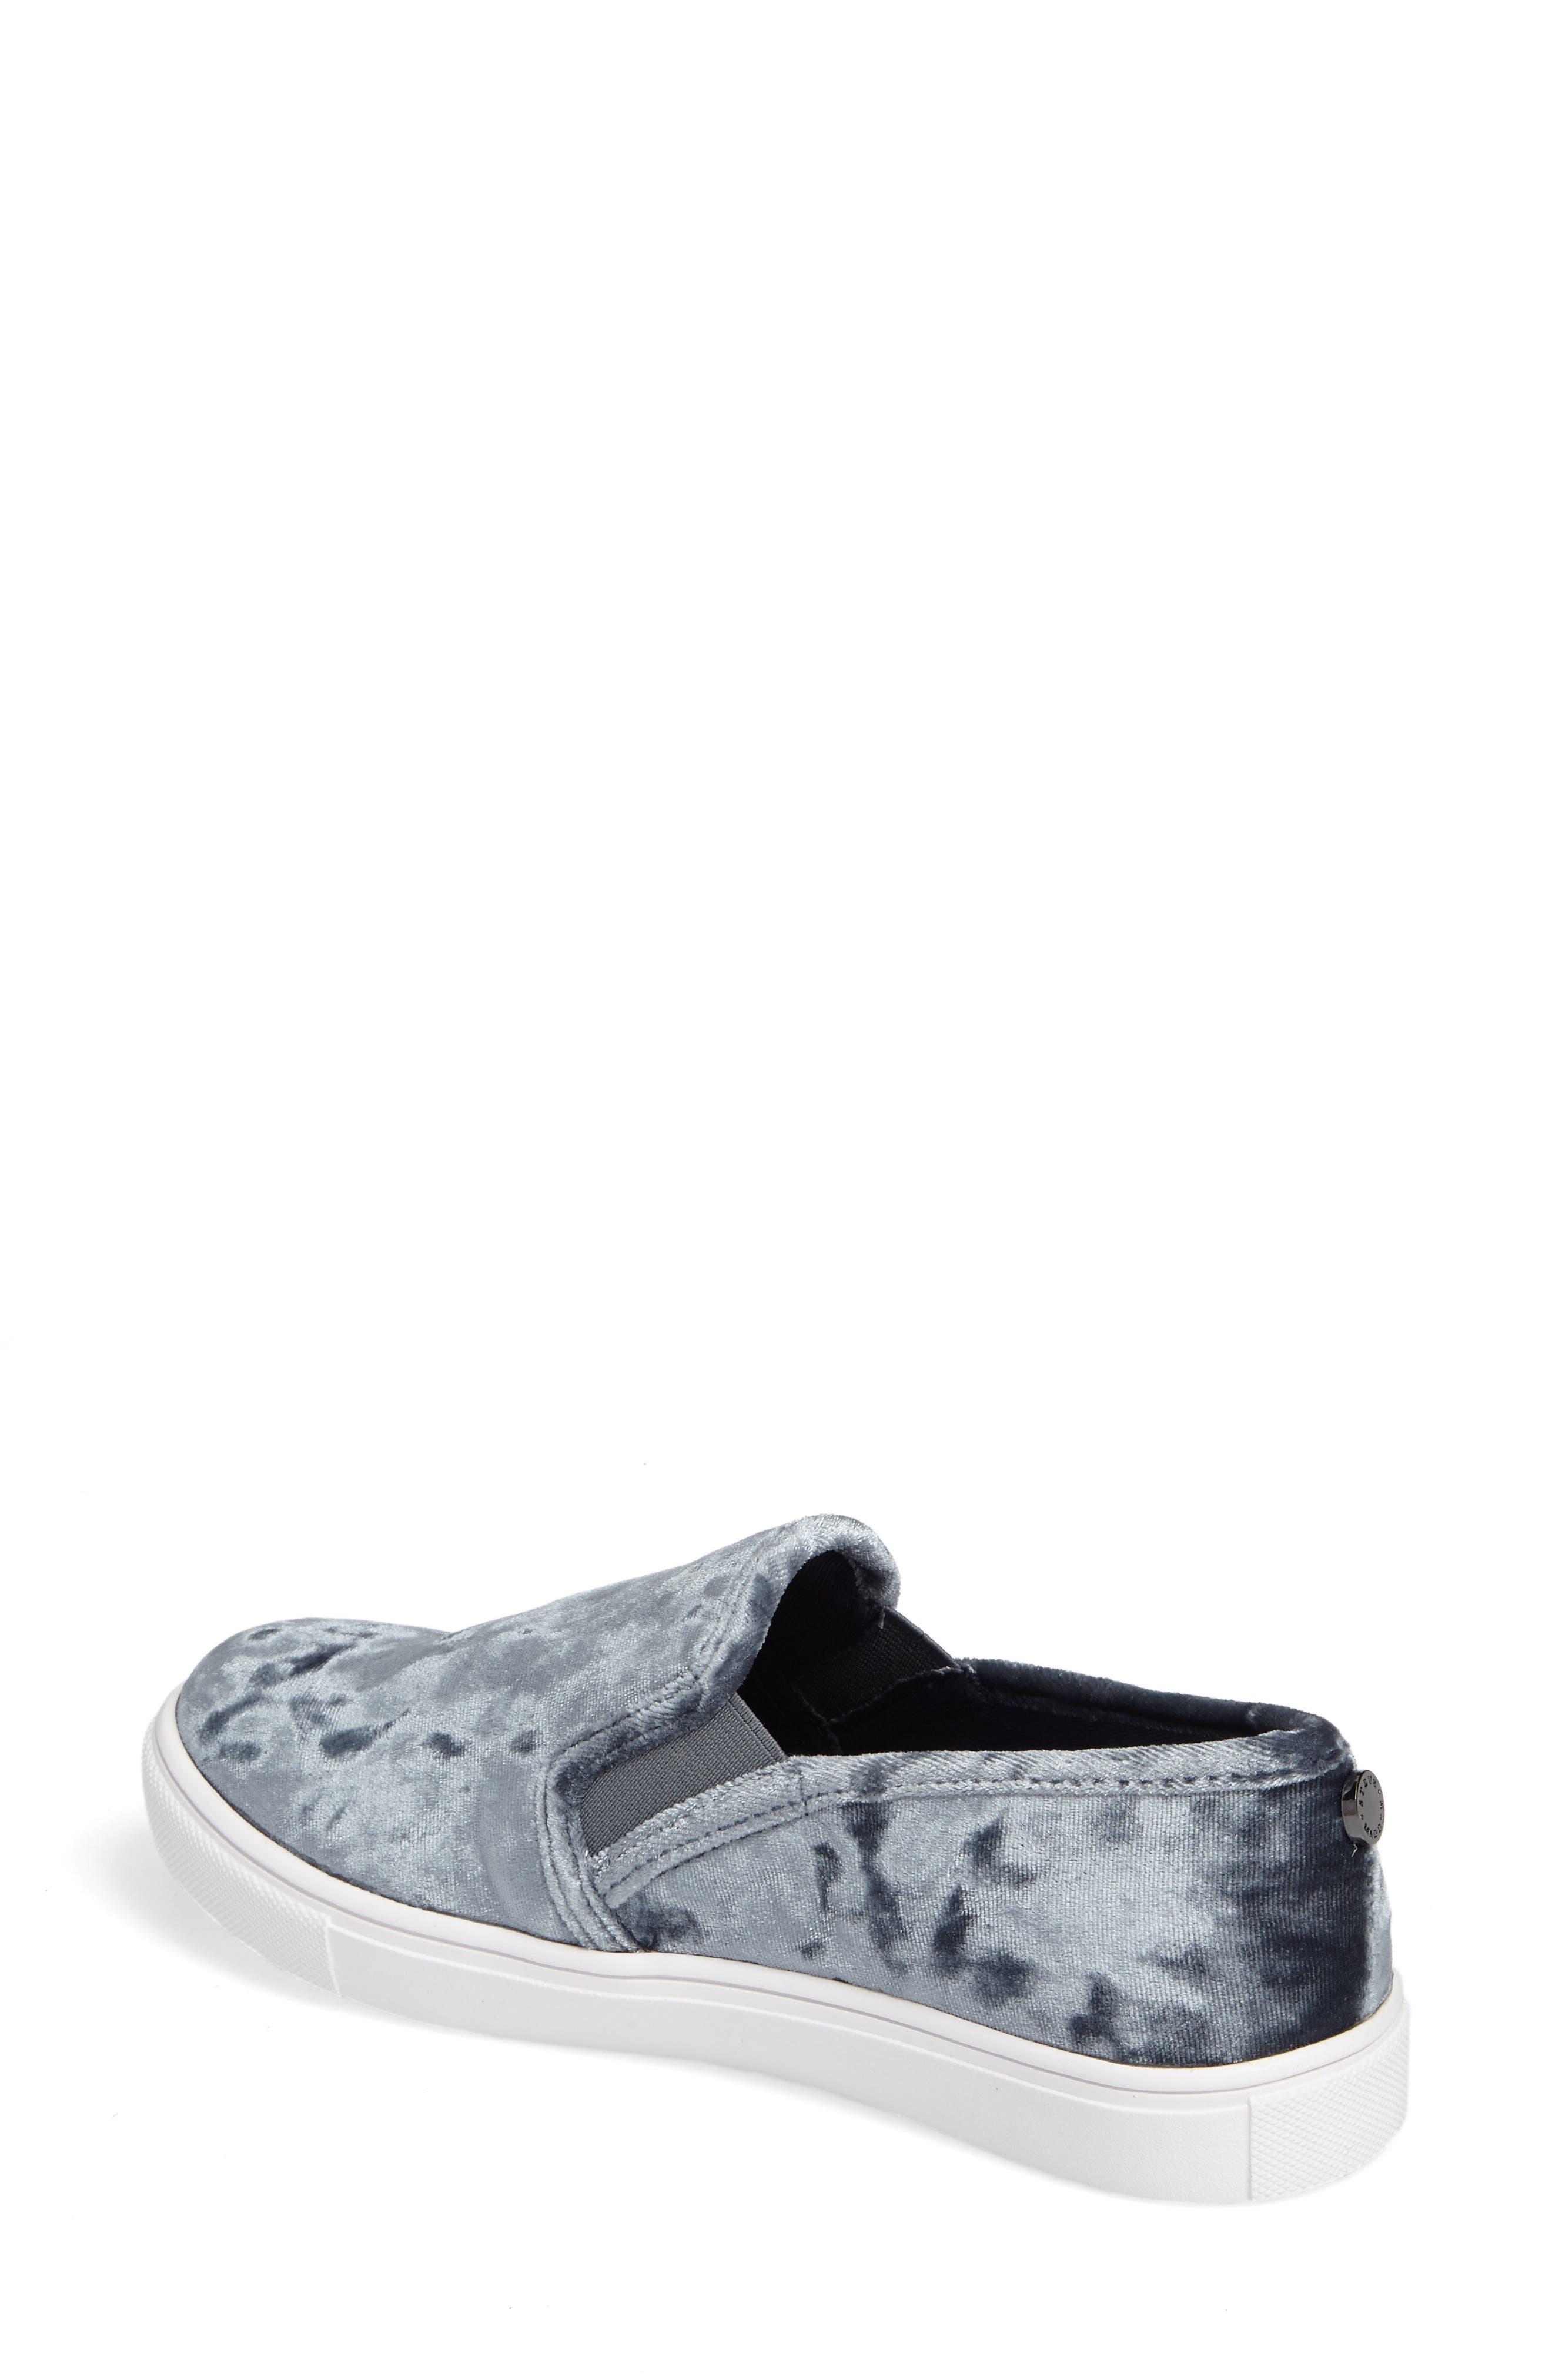 Ecntrcv Slip-On Sneaker,                             Alternate thumbnail 8, color,